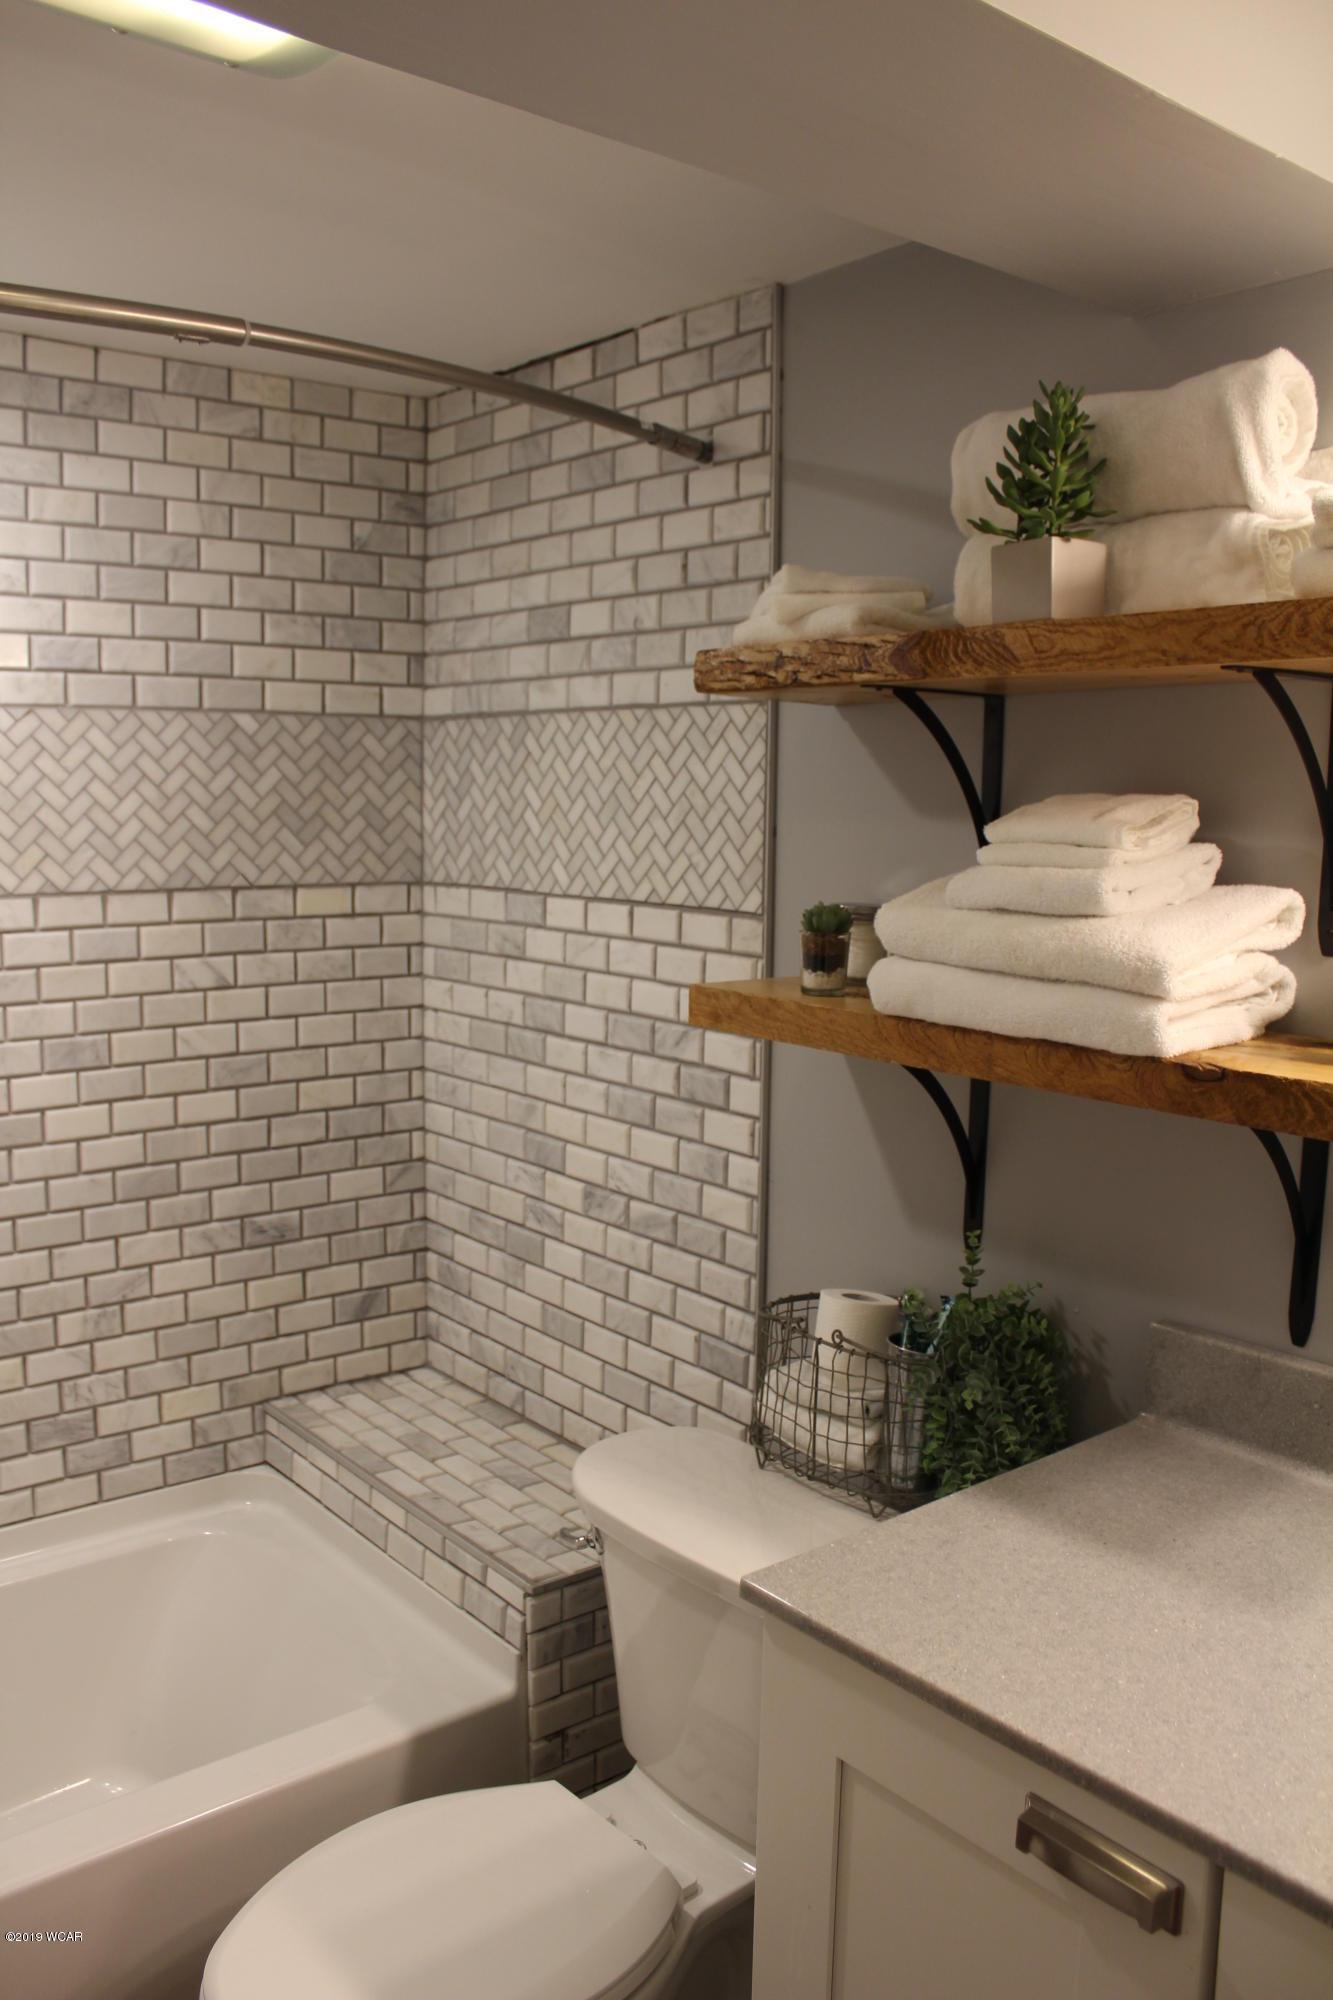 1108 Florence Lane,Willmar,4 Bedrooms Bedrooms,2 BathroomsBathrooms,Single Family,Florence Lane,6033412